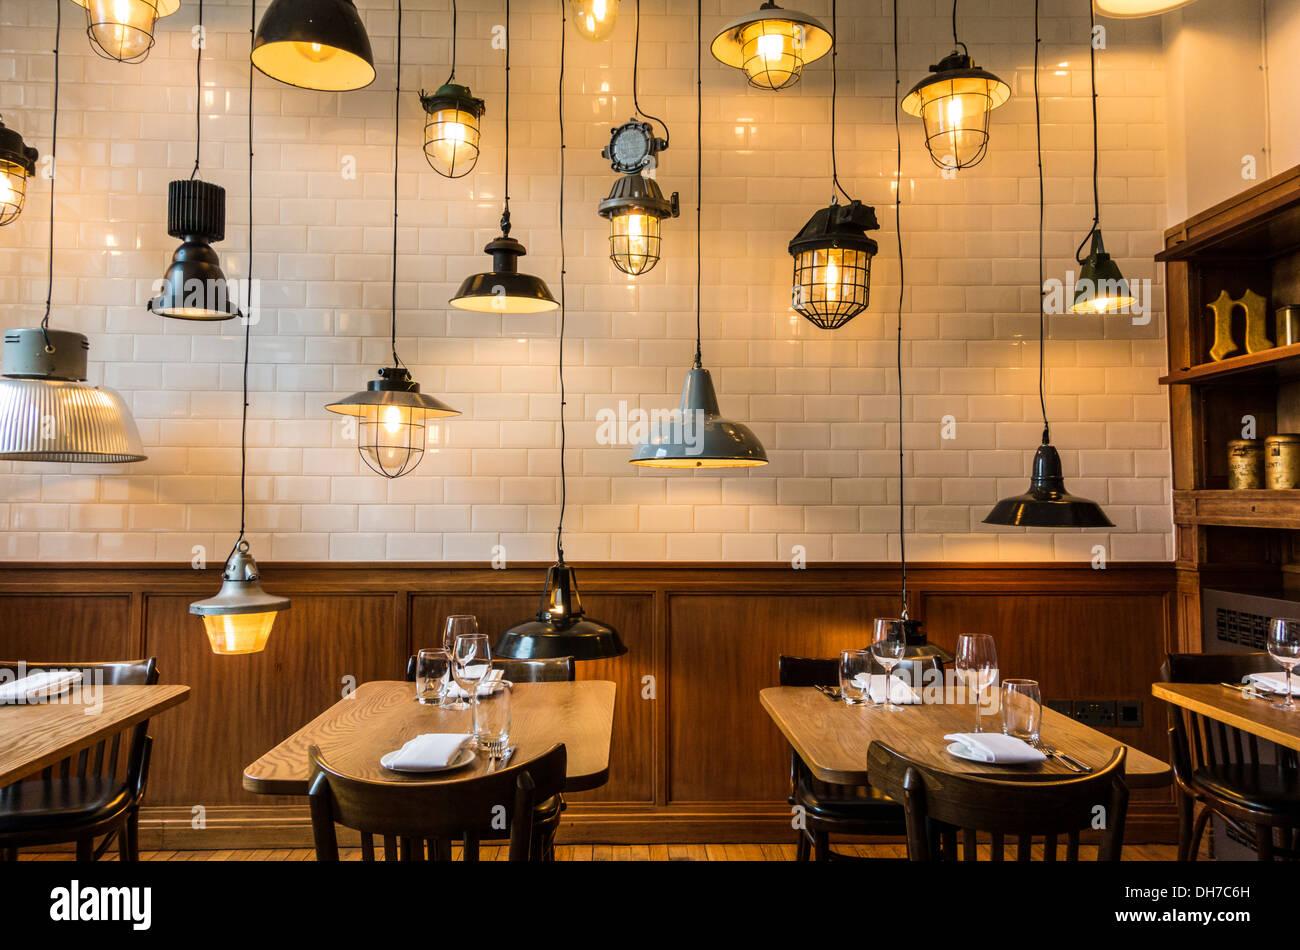 Insolito interior design con luci di camera ad angolo for Design hotel londra